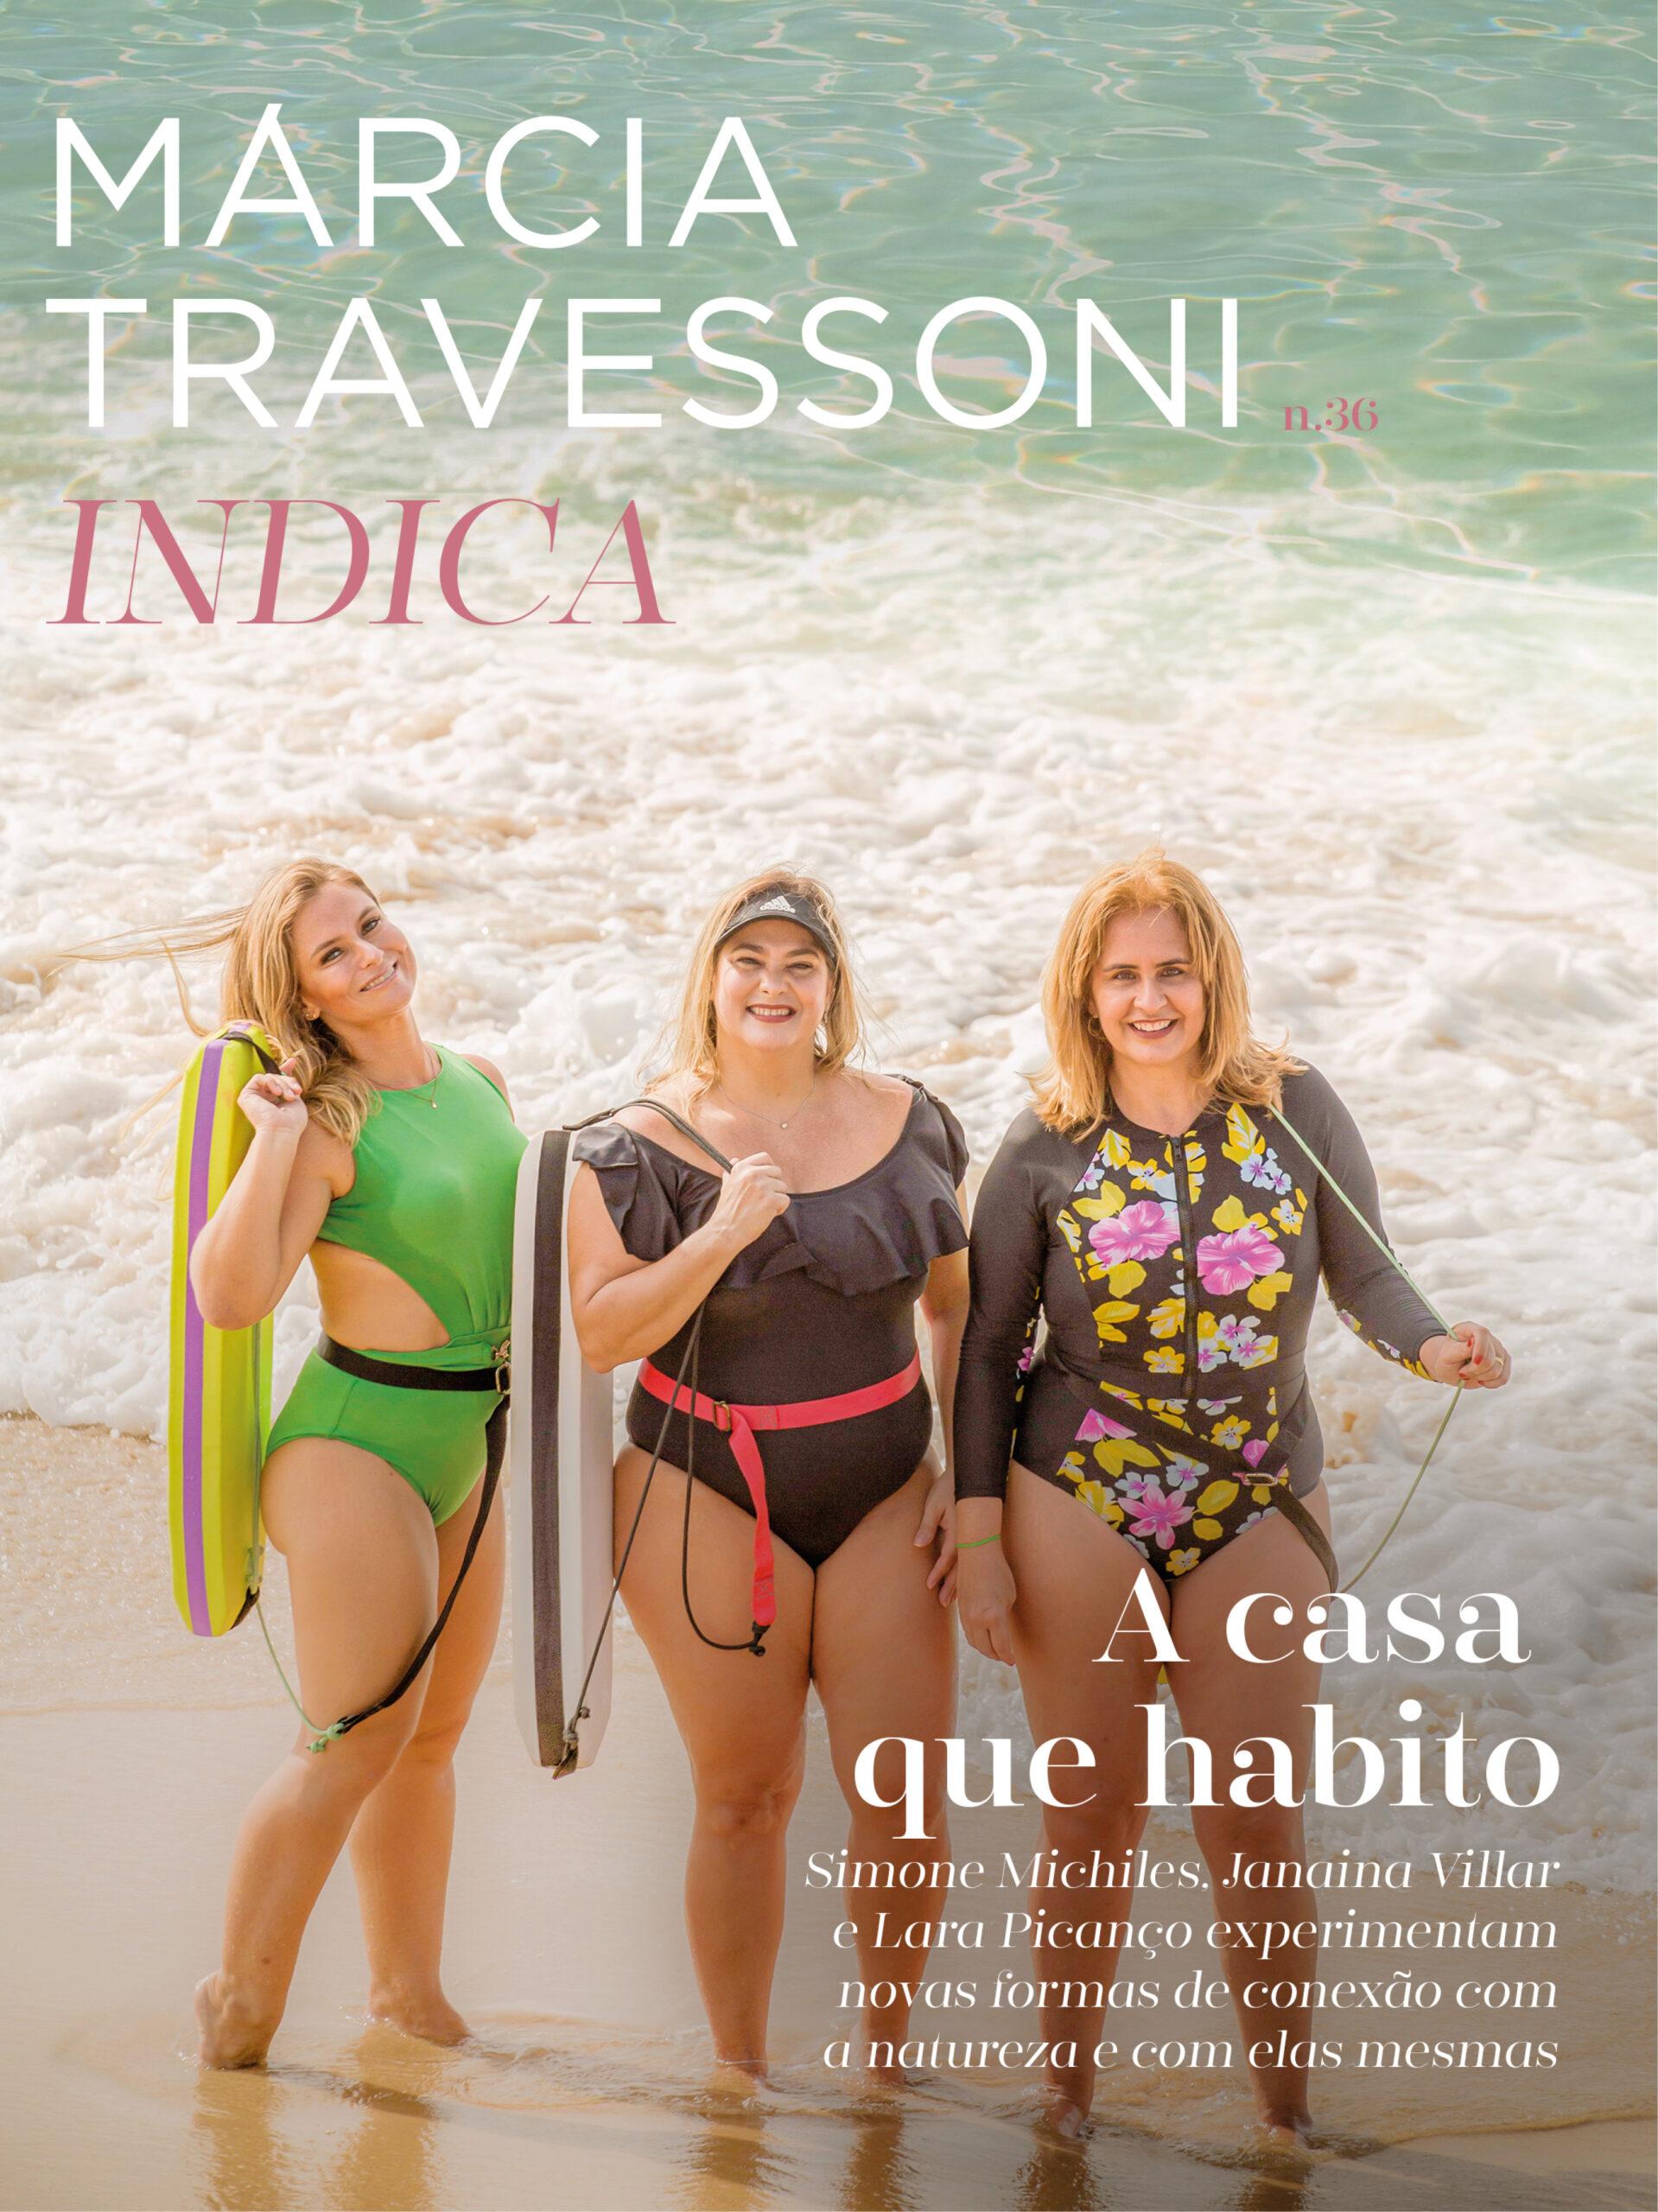 Simone Michiles, Janaina Villar e Lara Picanço revelam rotina de exercícios e aceitação de si